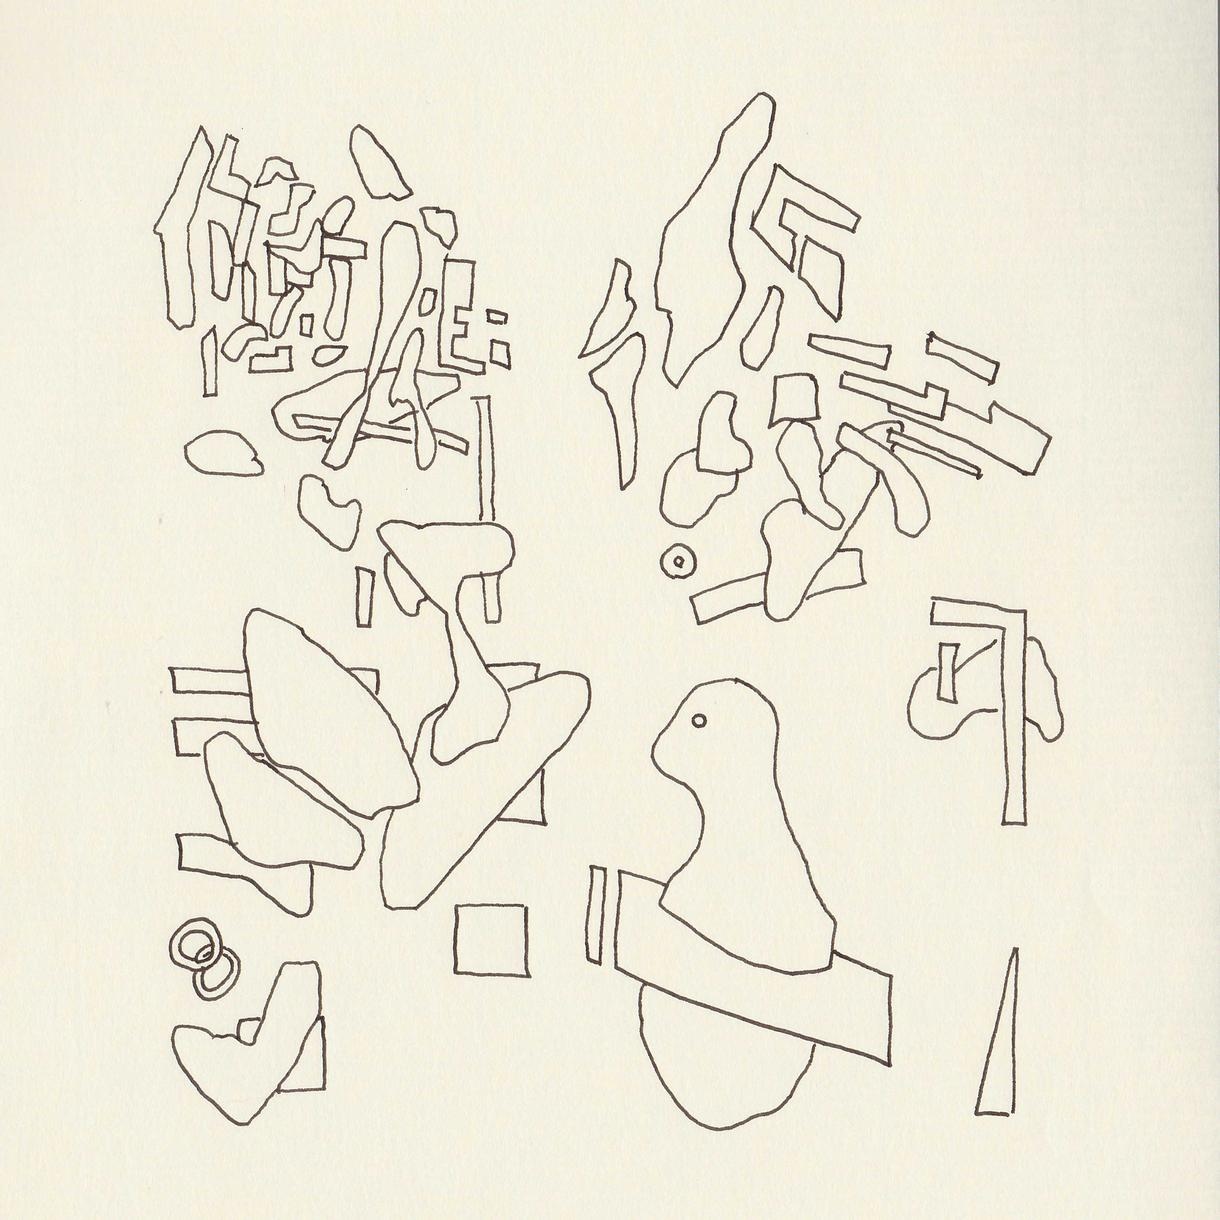 抽象的ペン画を作成いたします アナログ画になりますのでデジタルとしても、作品としてもどうぞ